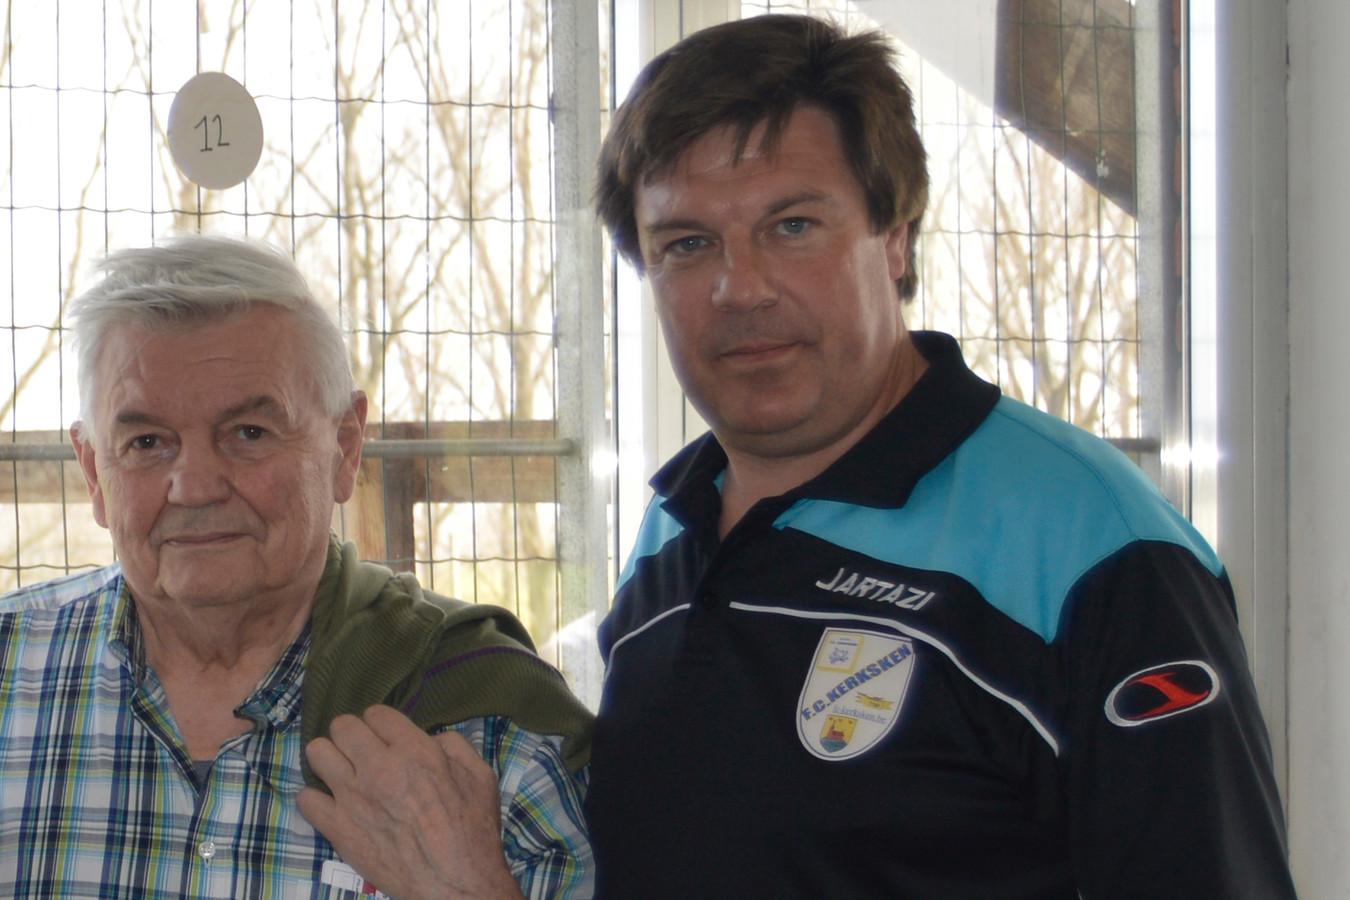 Secretaris Patrick Marginet (rechts) met Willy Impens. (archiefbeeld)